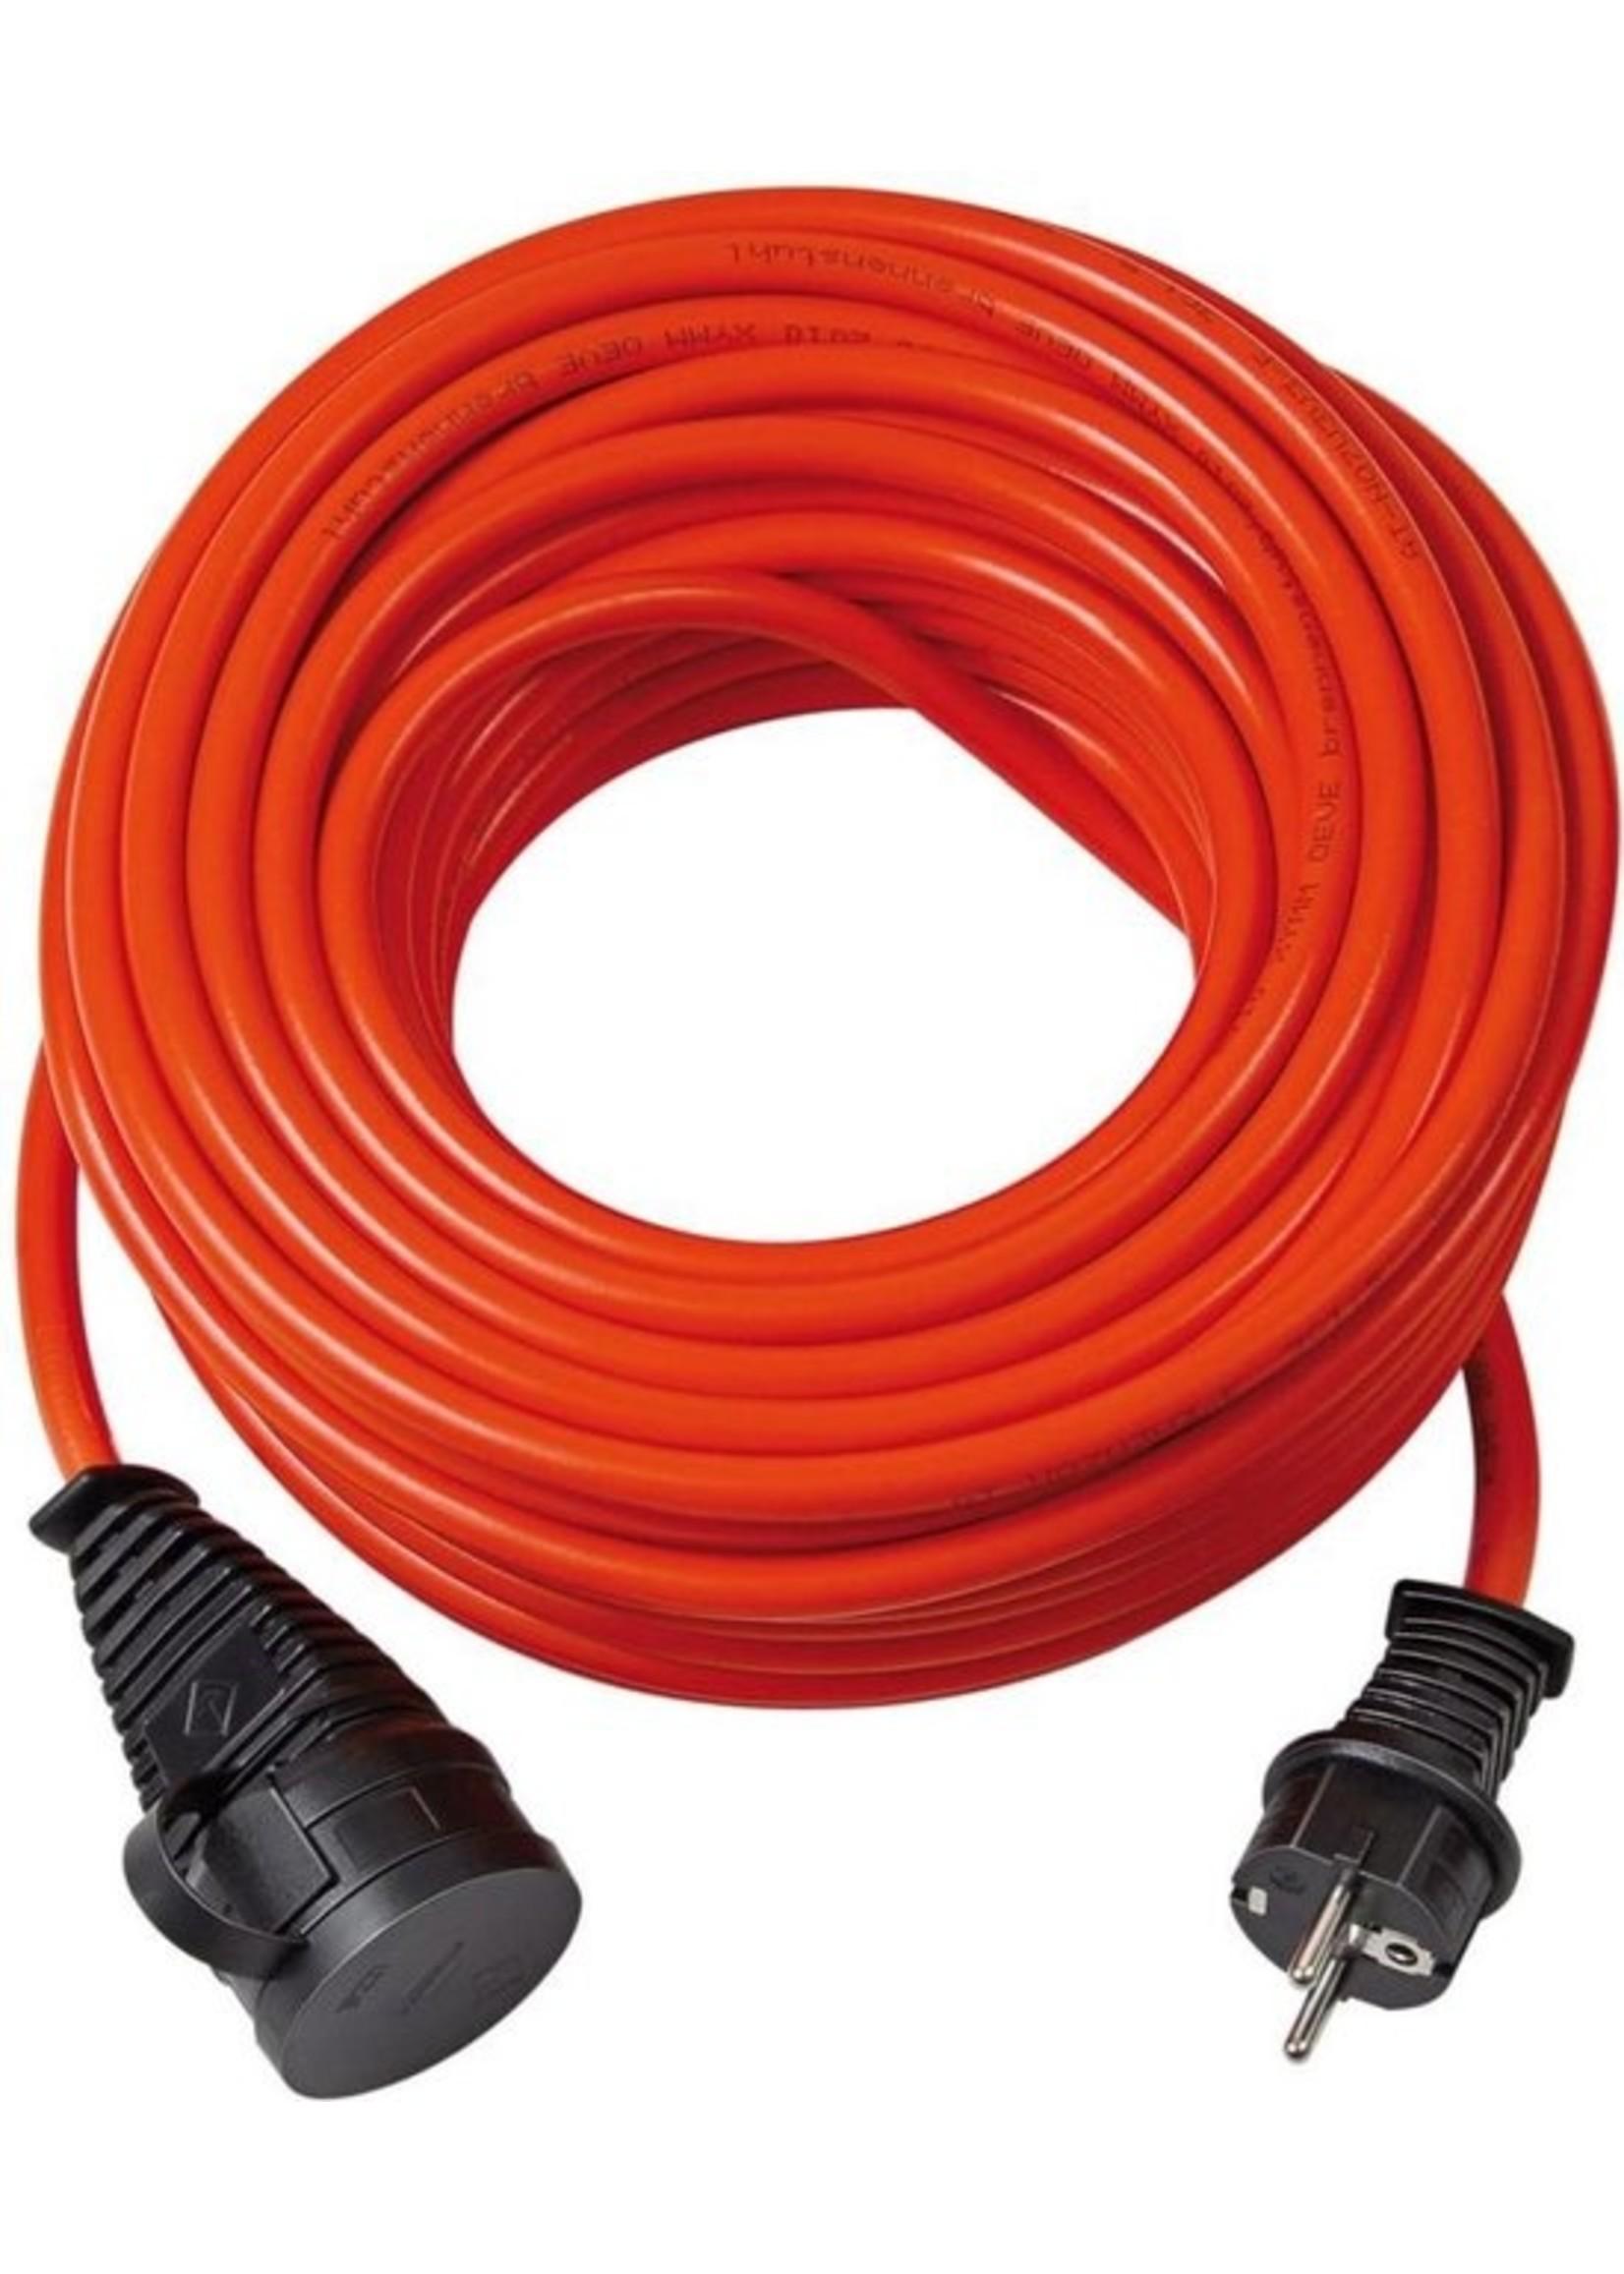 Brennenstuhl Brennenstuhl Bremaxx IP44 Verlengkabel - Geschikt voor buitengebruik - Oranje - 3x1,5mm2 - 25 meter